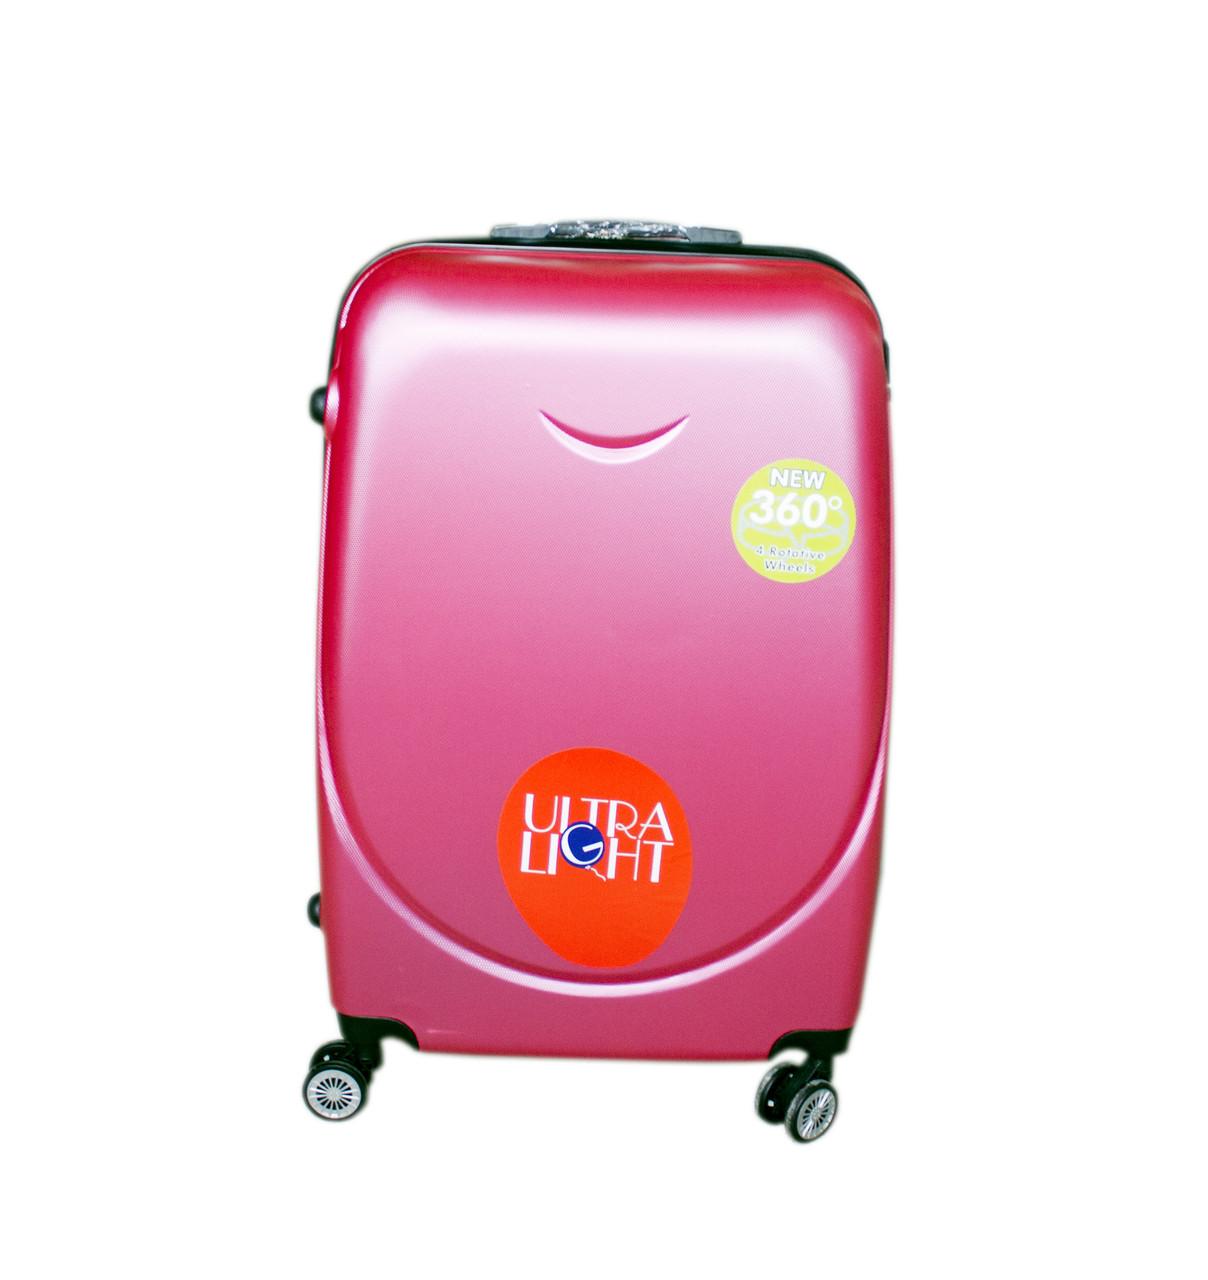 e1b8f4fa3f45 Дорожный чемодан с двойными 4 колесами набор 3 штуки розовый, артикул  6-243